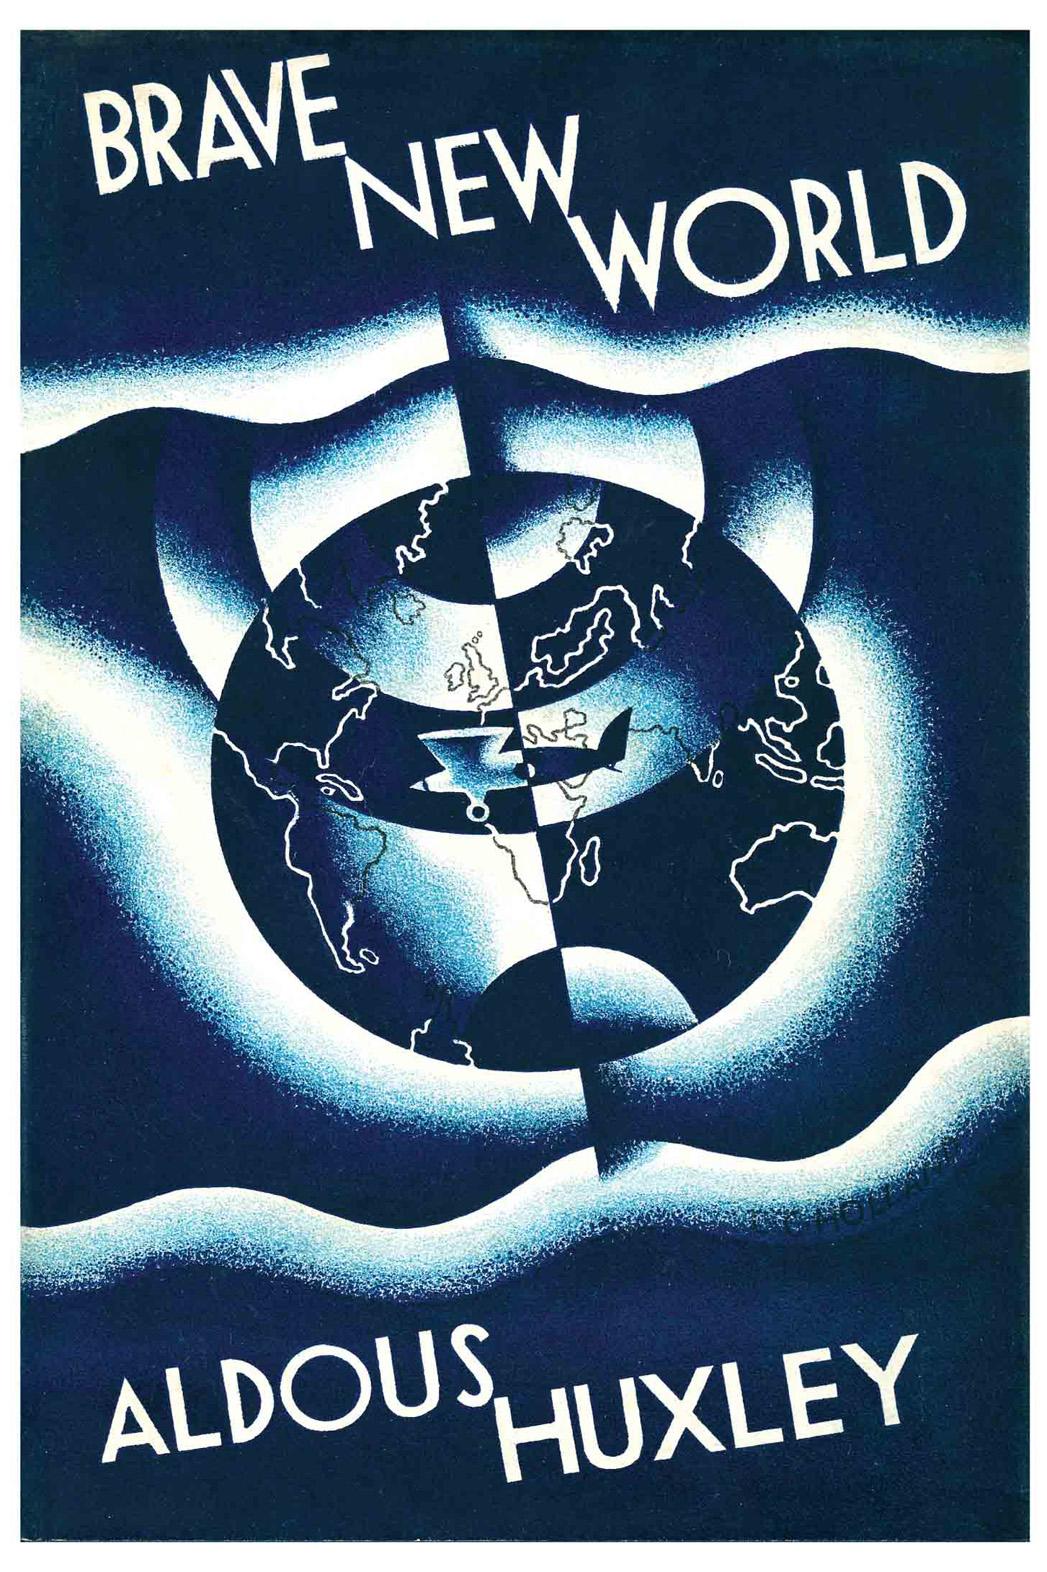 Brave New World ucot.jpg